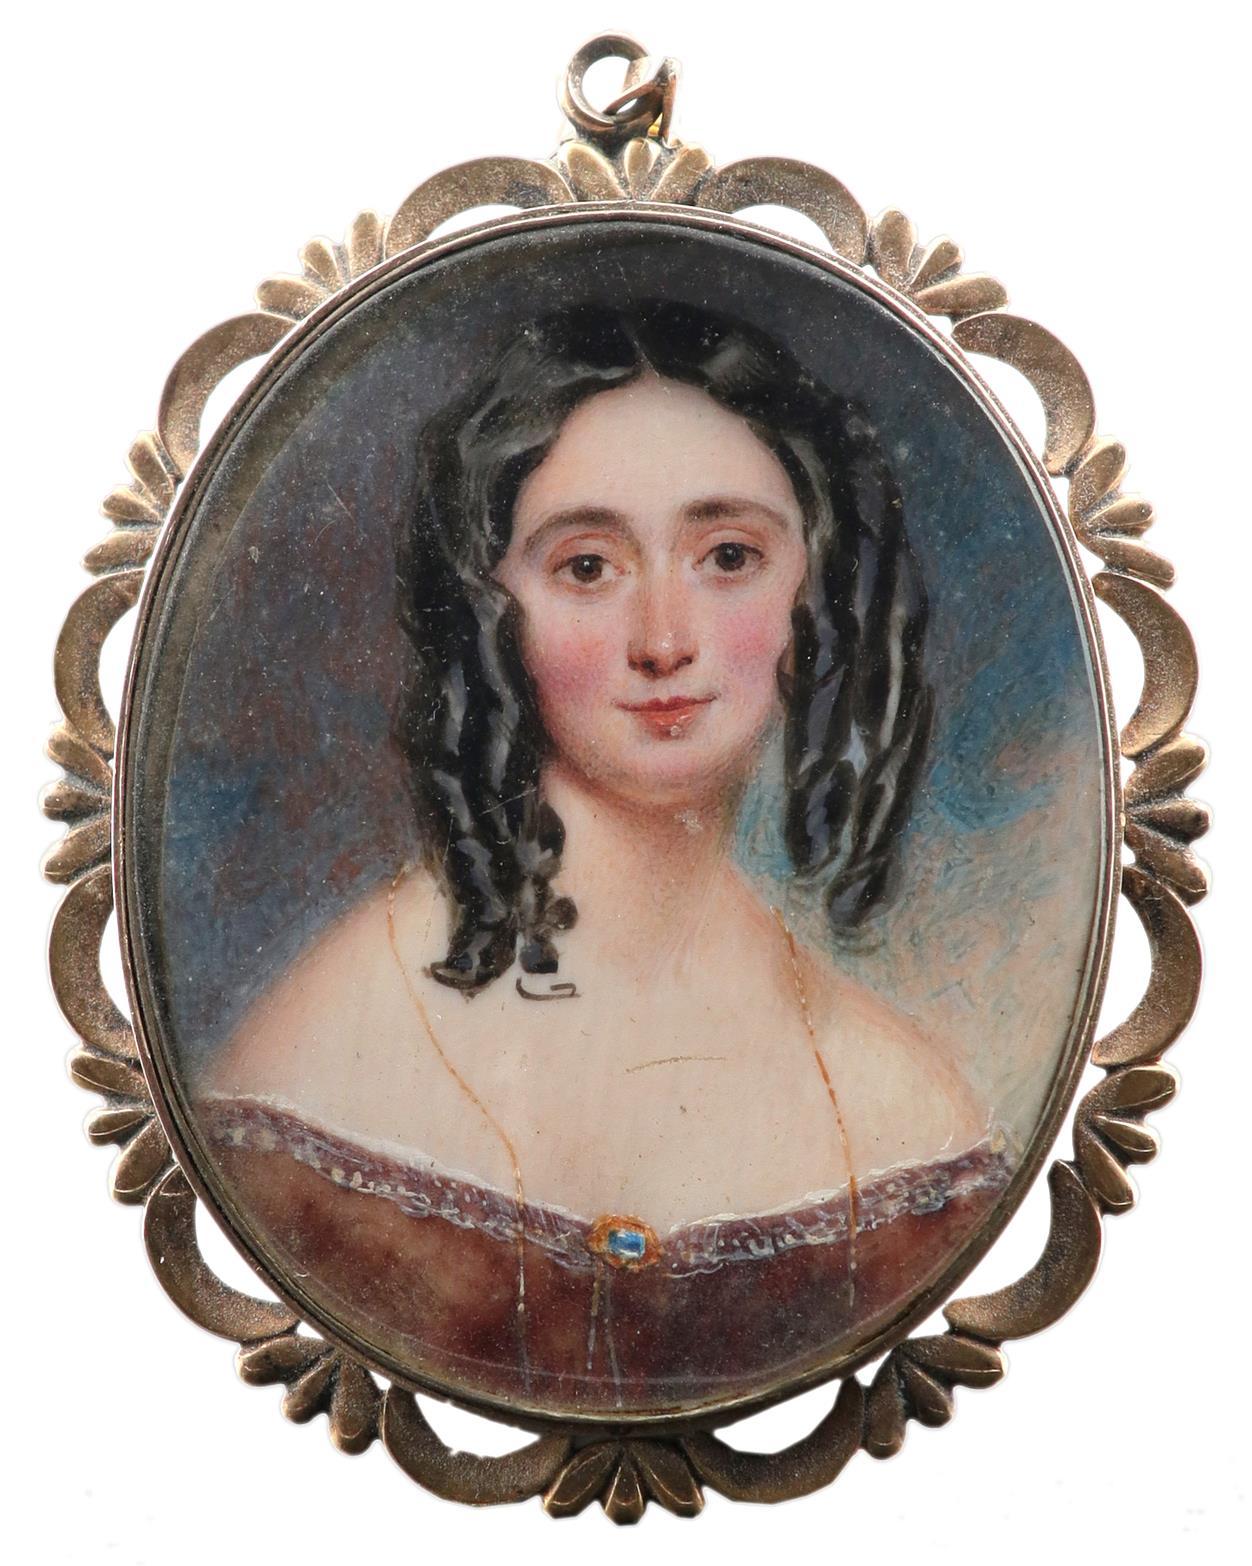 λFollower of William Egley Portrait miniature of a lady, wearing a brown dress with a gold brooch